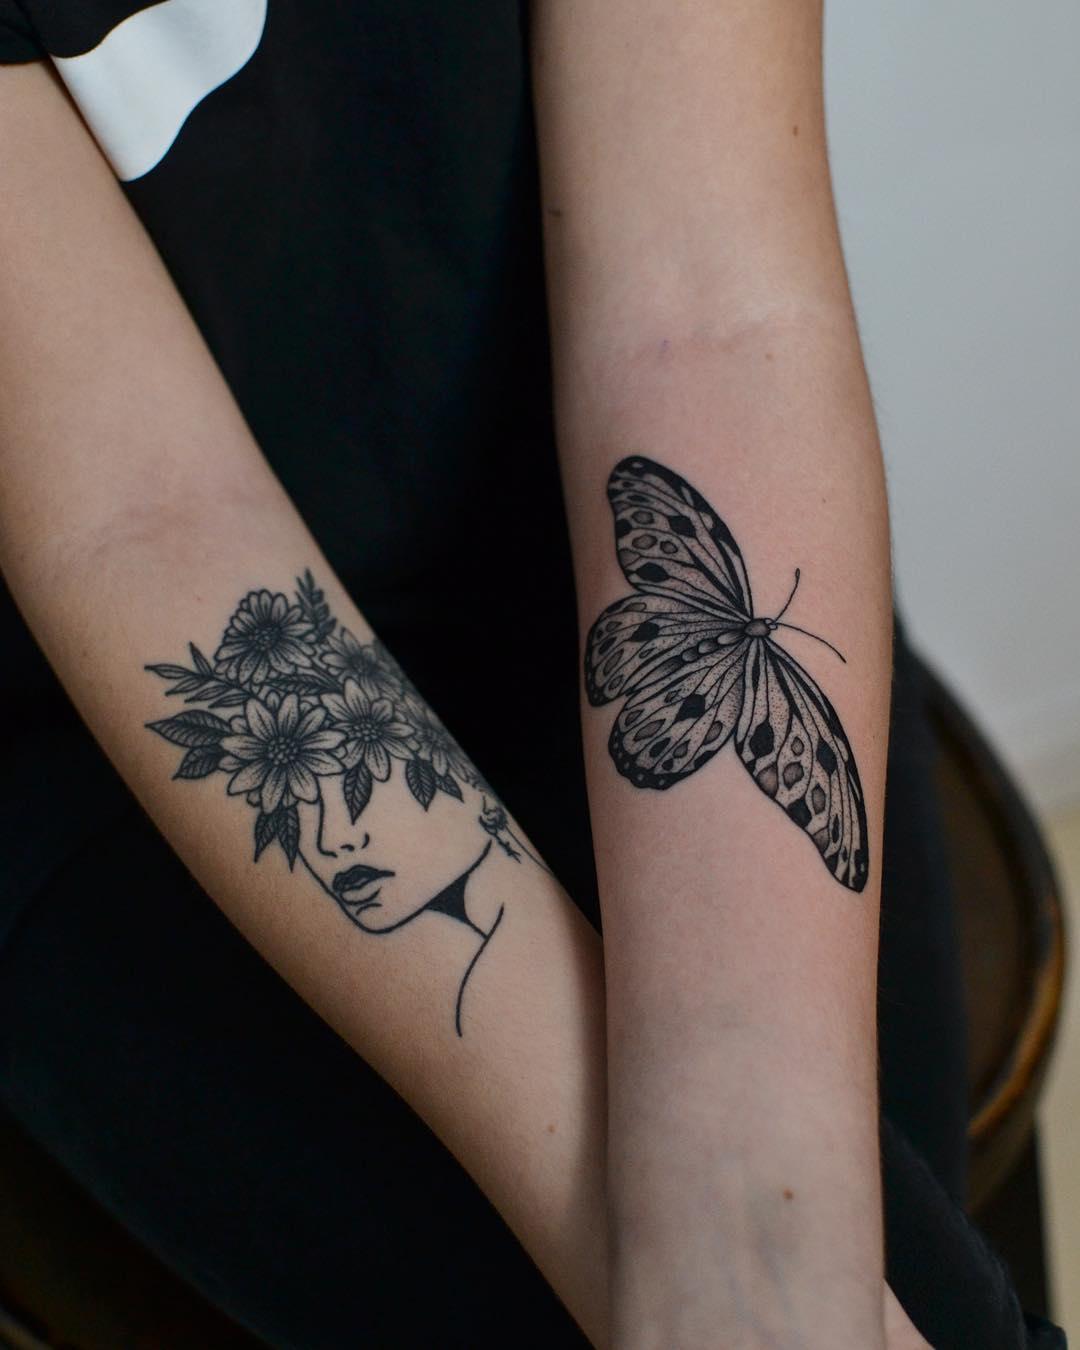 Butterfly by @tototatuer